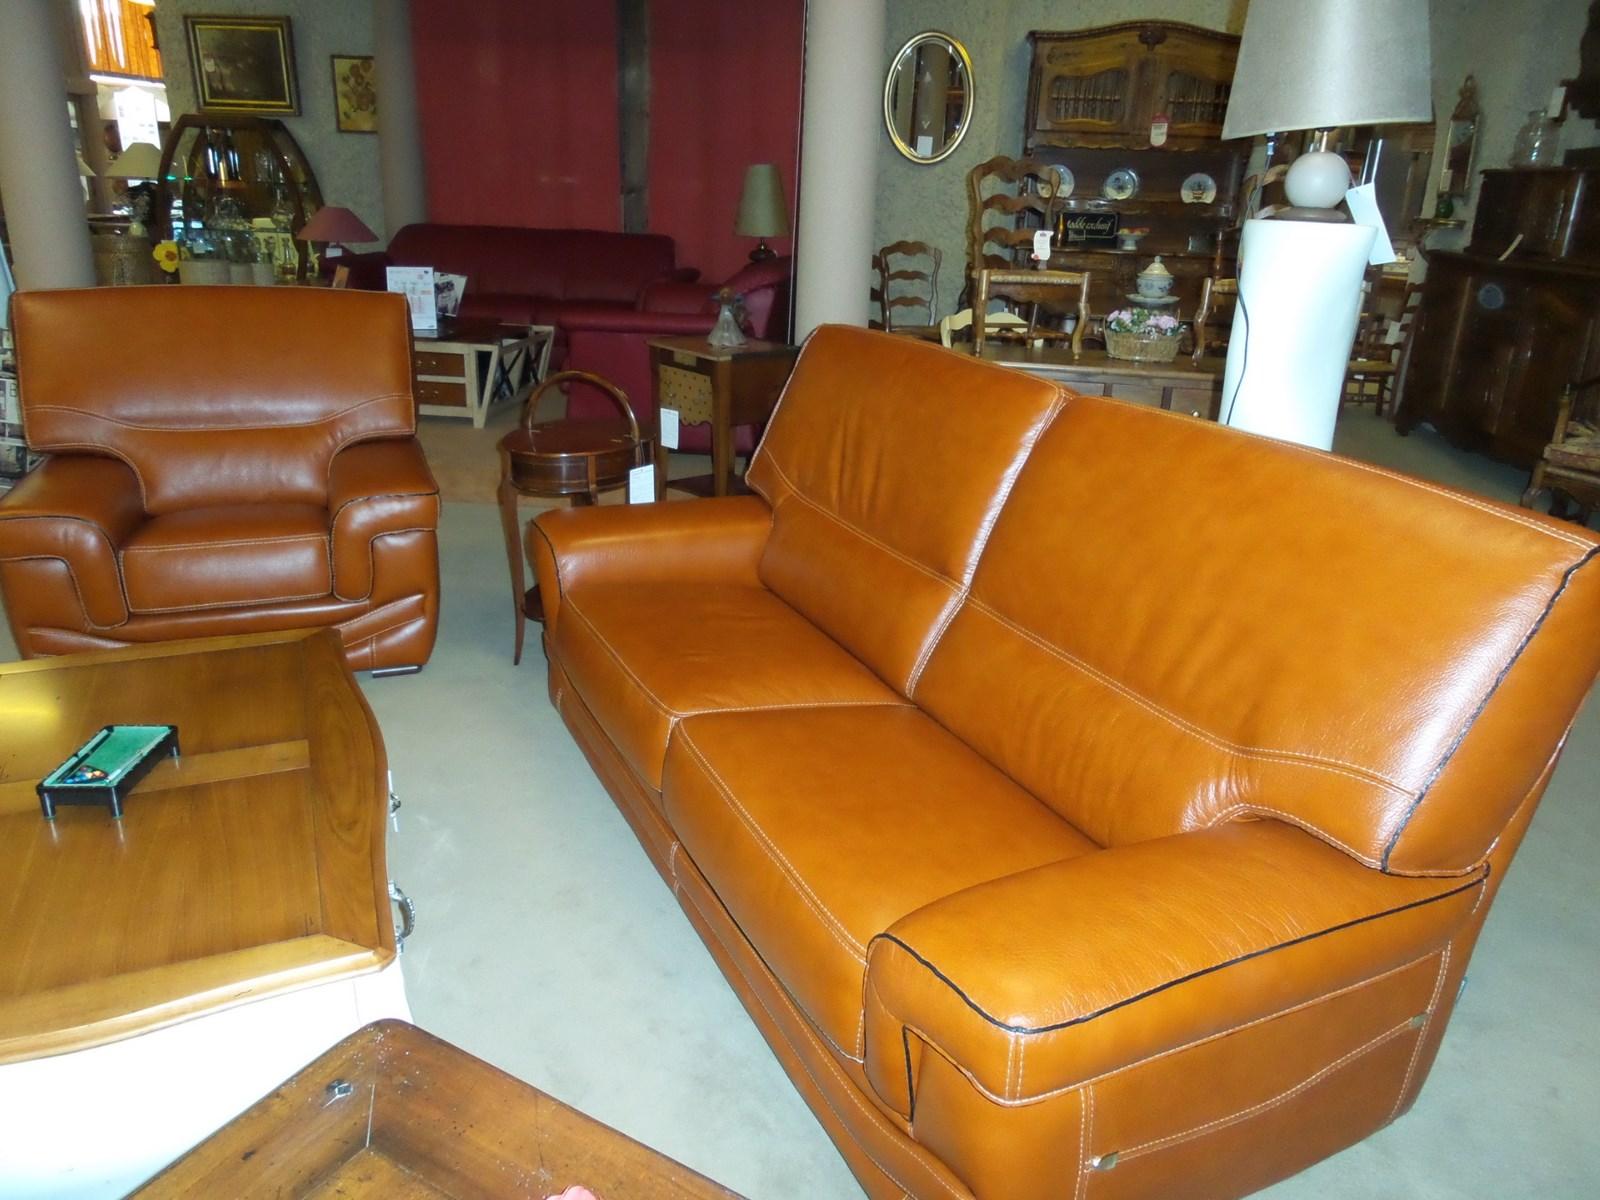 Salon Cuir Buffle Italien canape fixe en cuir buffle surpiqué; cossu et confortable c